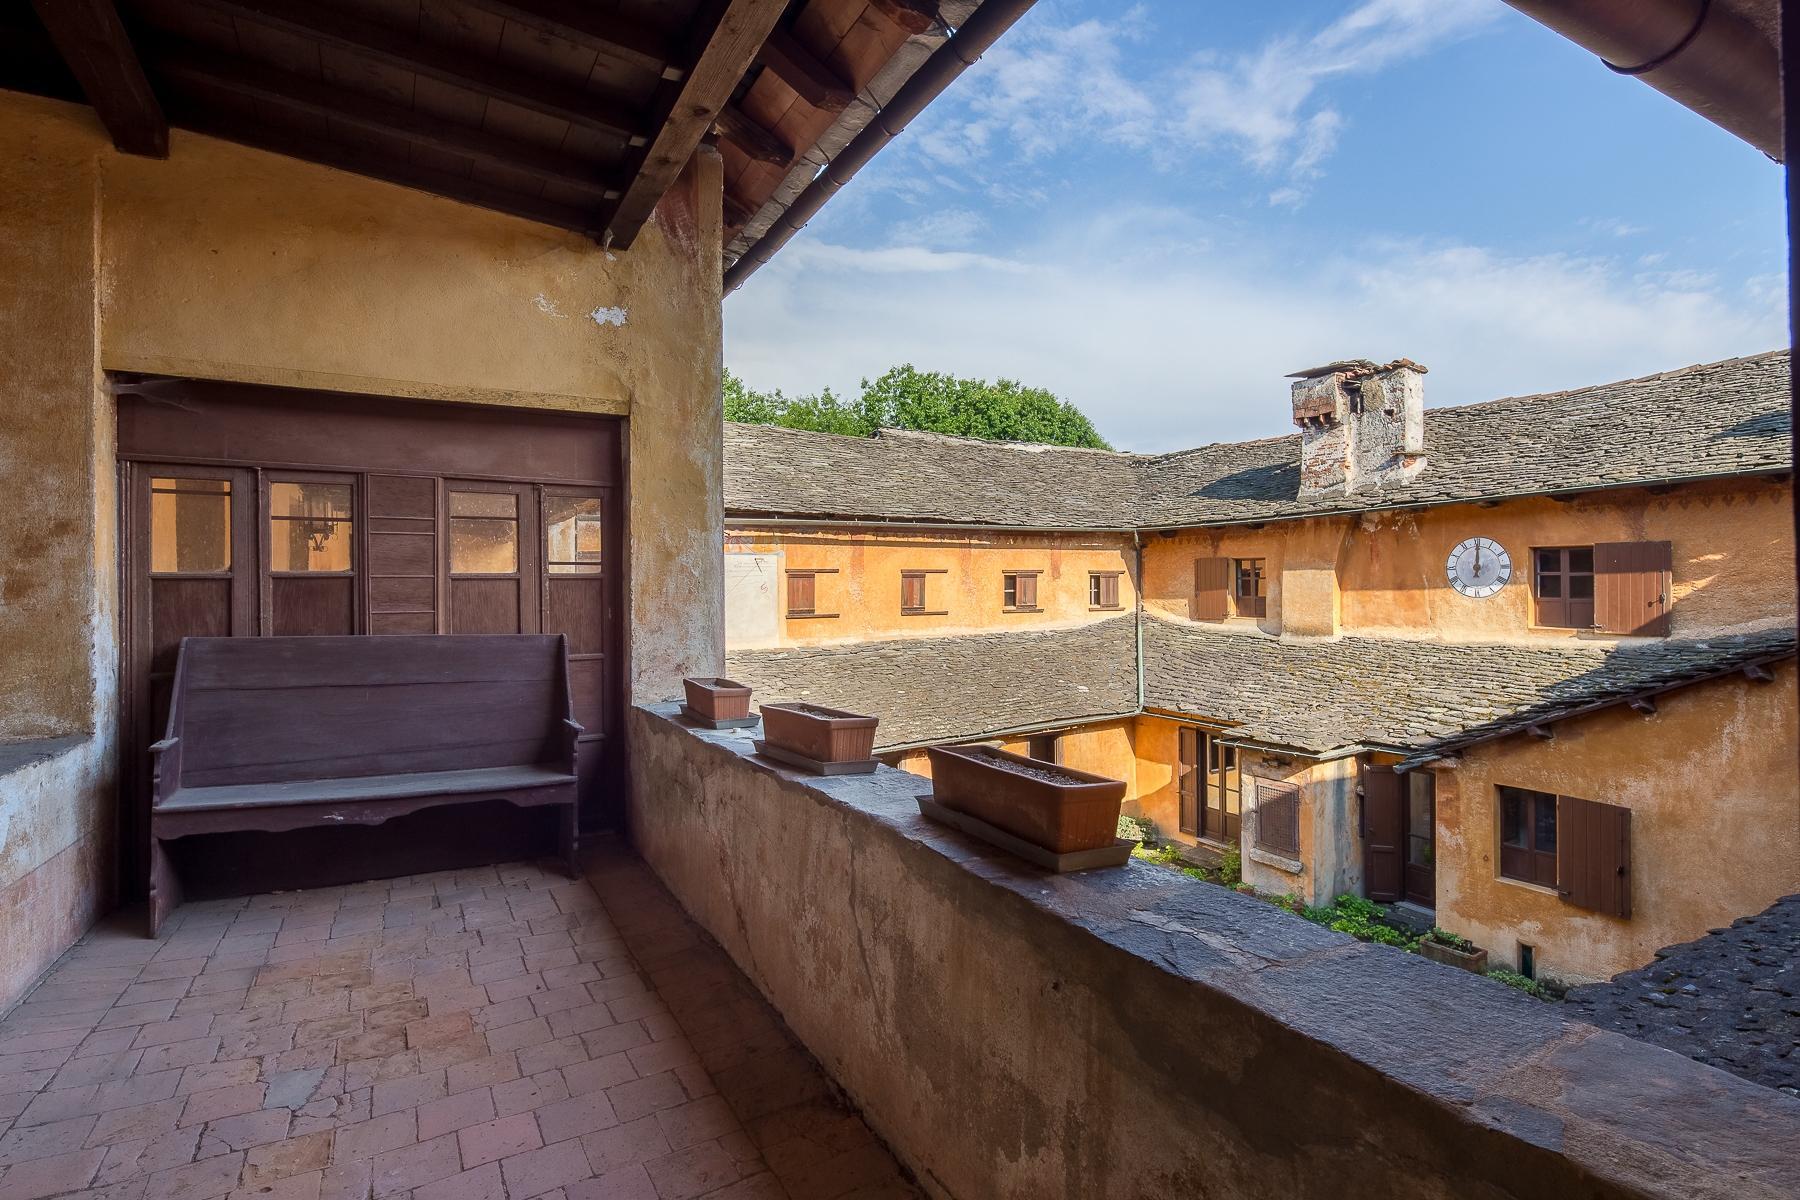 Бывший монастырь и вилла 19 века на Сакро-Монте - Орта Сан Джулио - 26